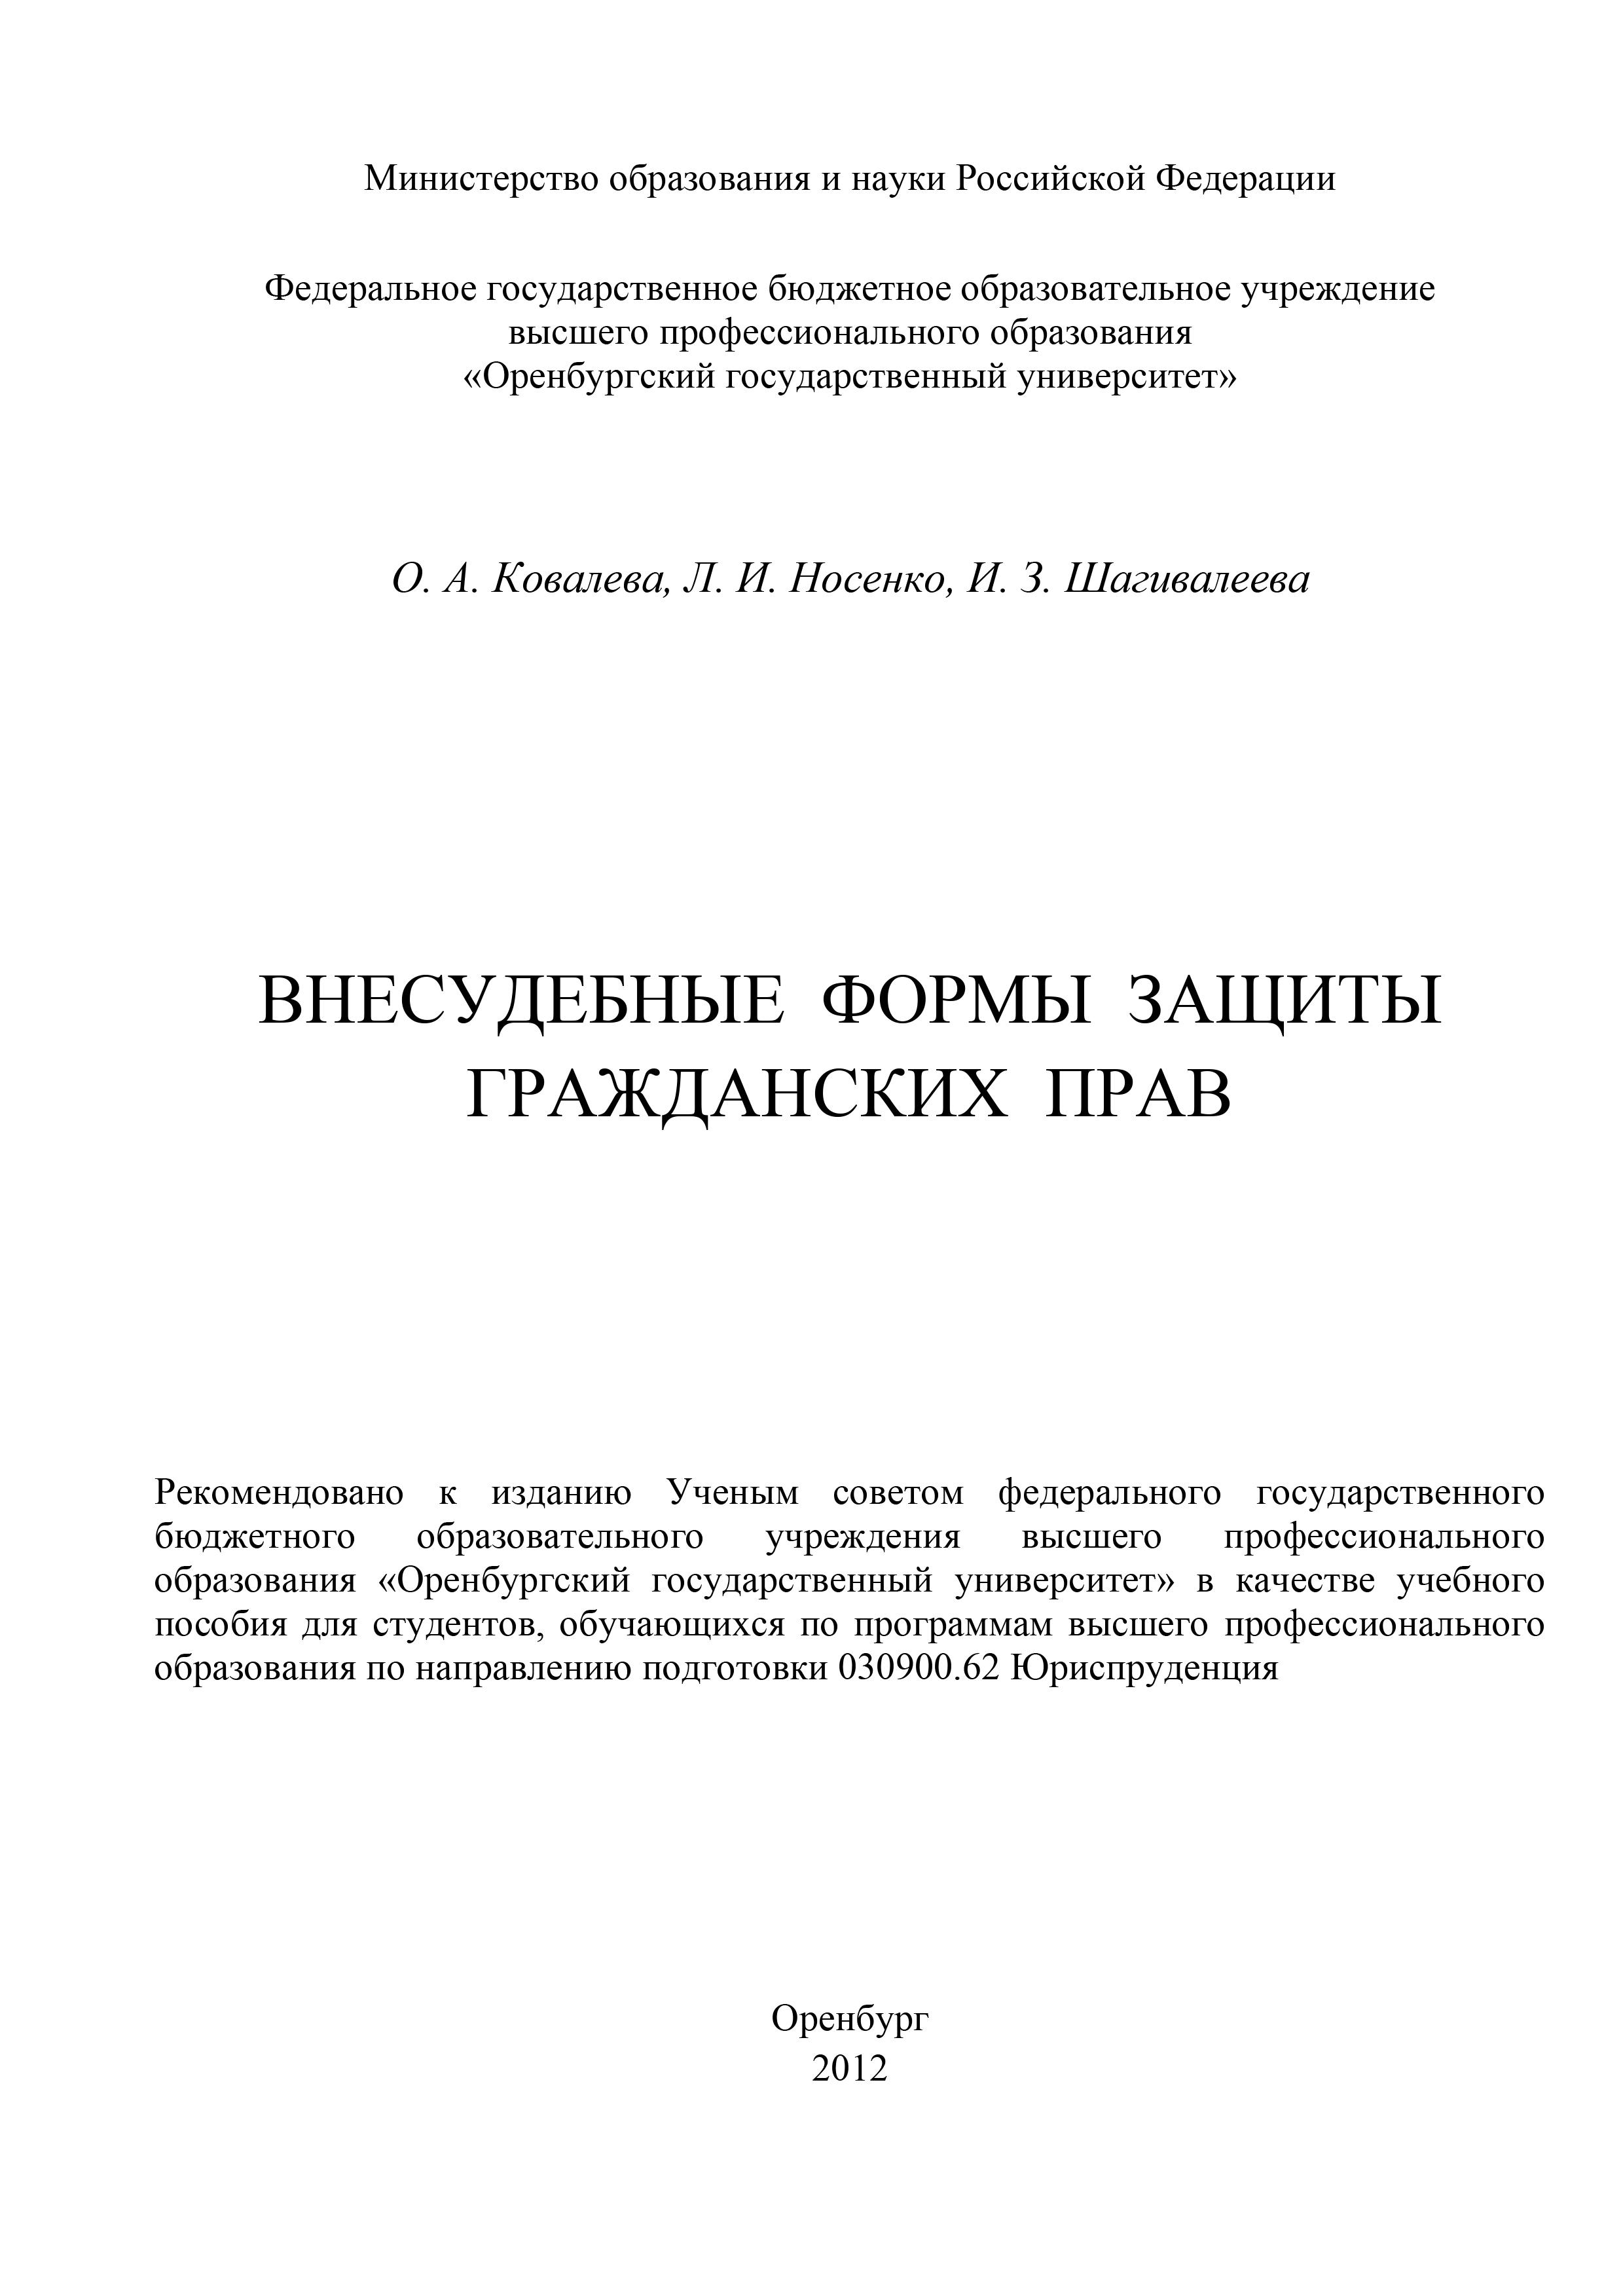 О. А. Ковалева Внесудебные формы защиты гражданских прав гражданско правовые формы защиты прав кредитора